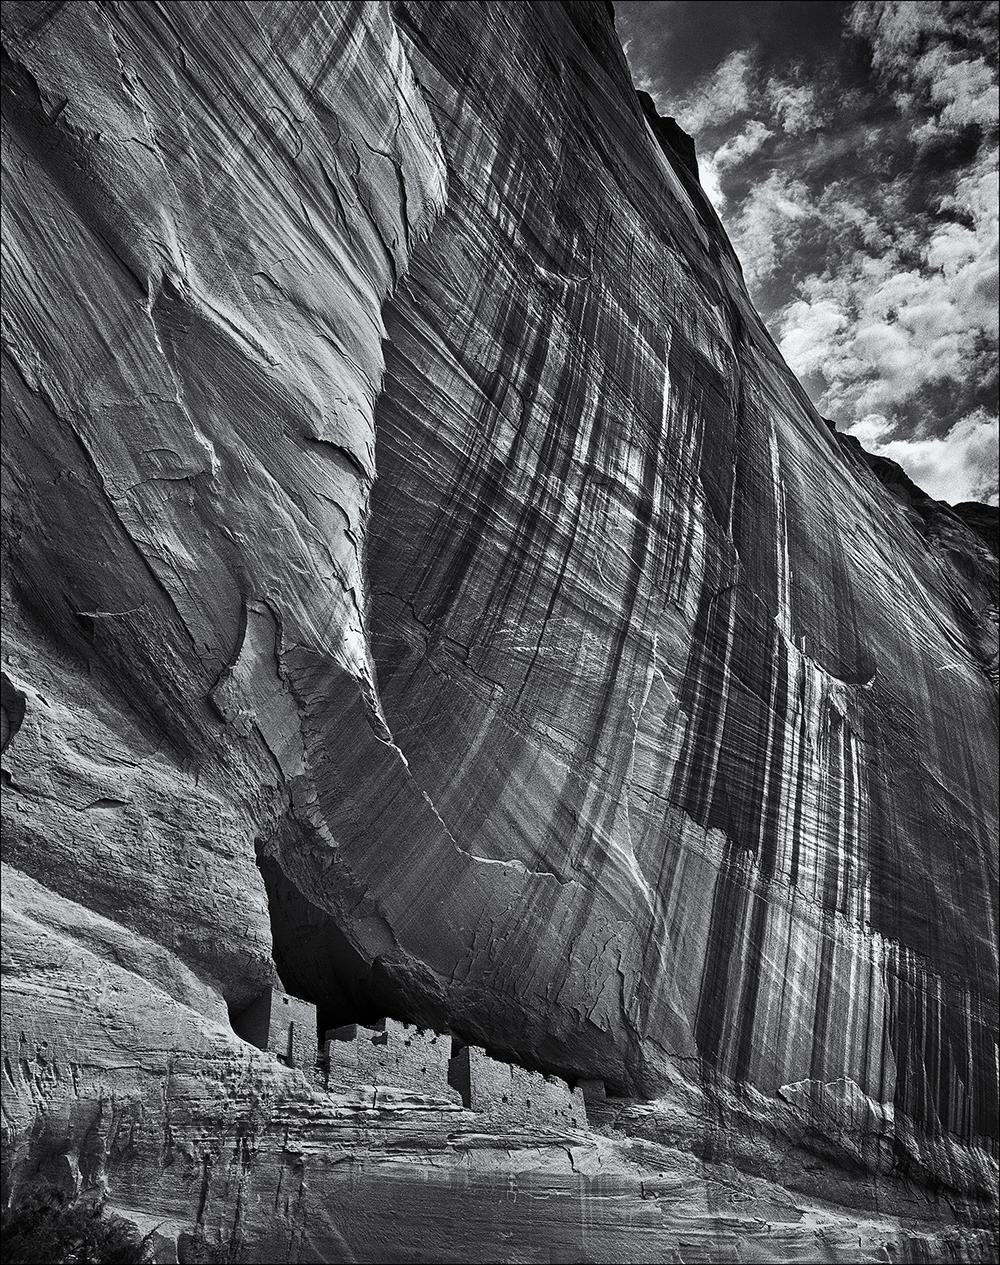 Canyon de Chelly 1.jpg